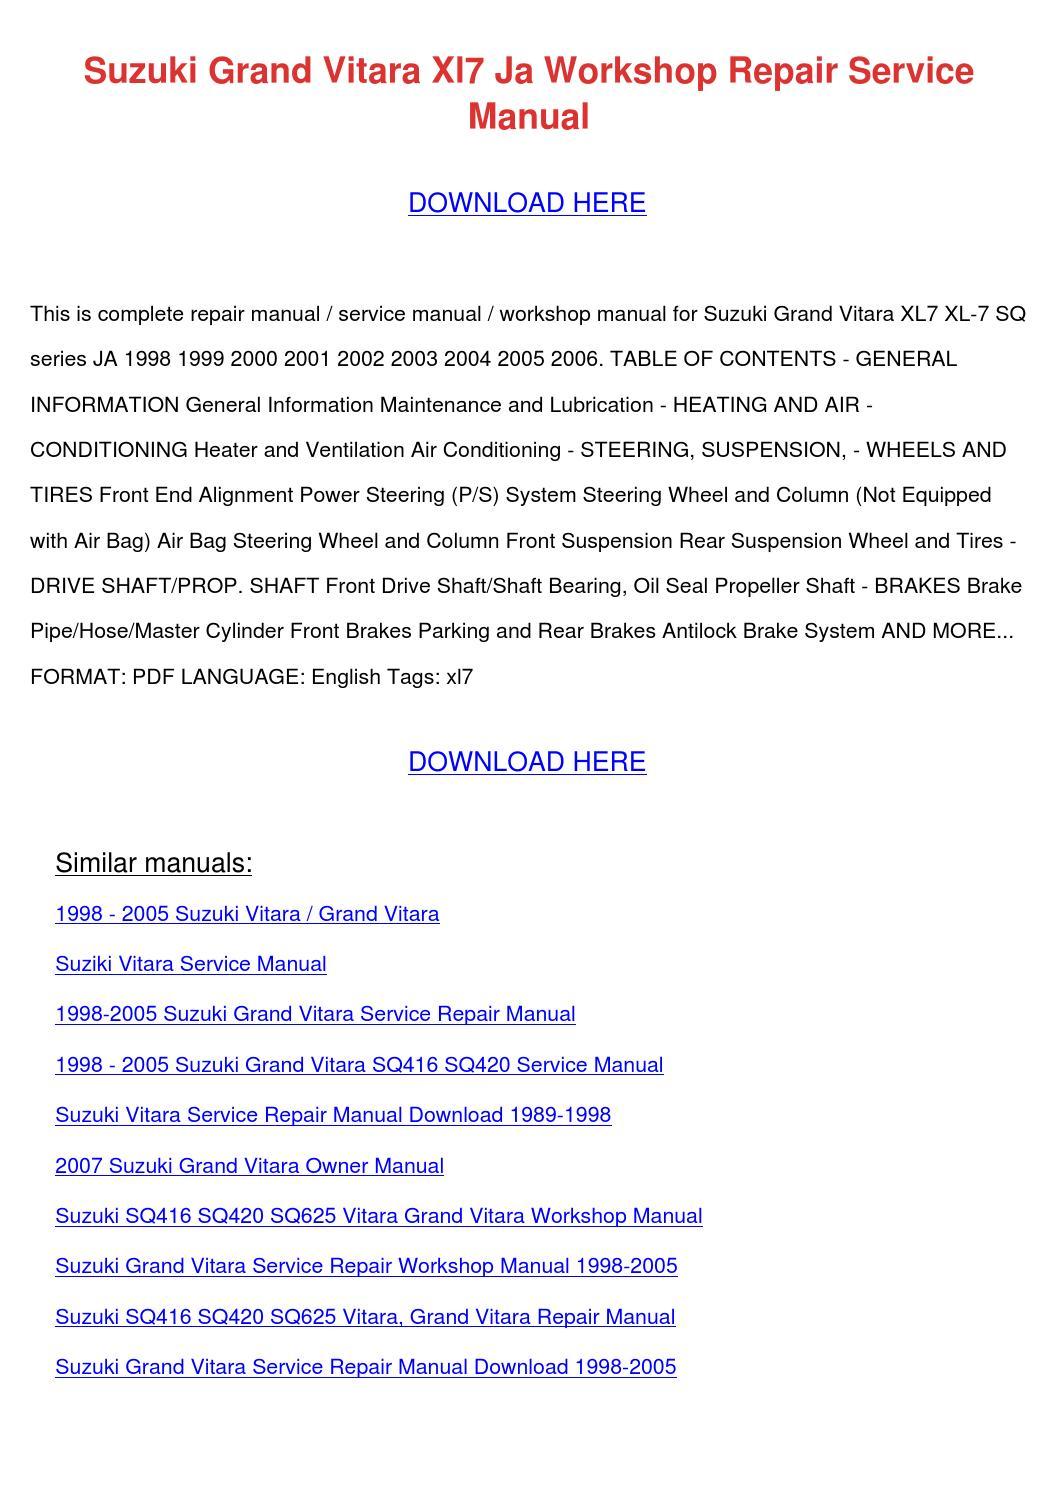 suzuki grand vitara digital workshop repair manual 1998 2005